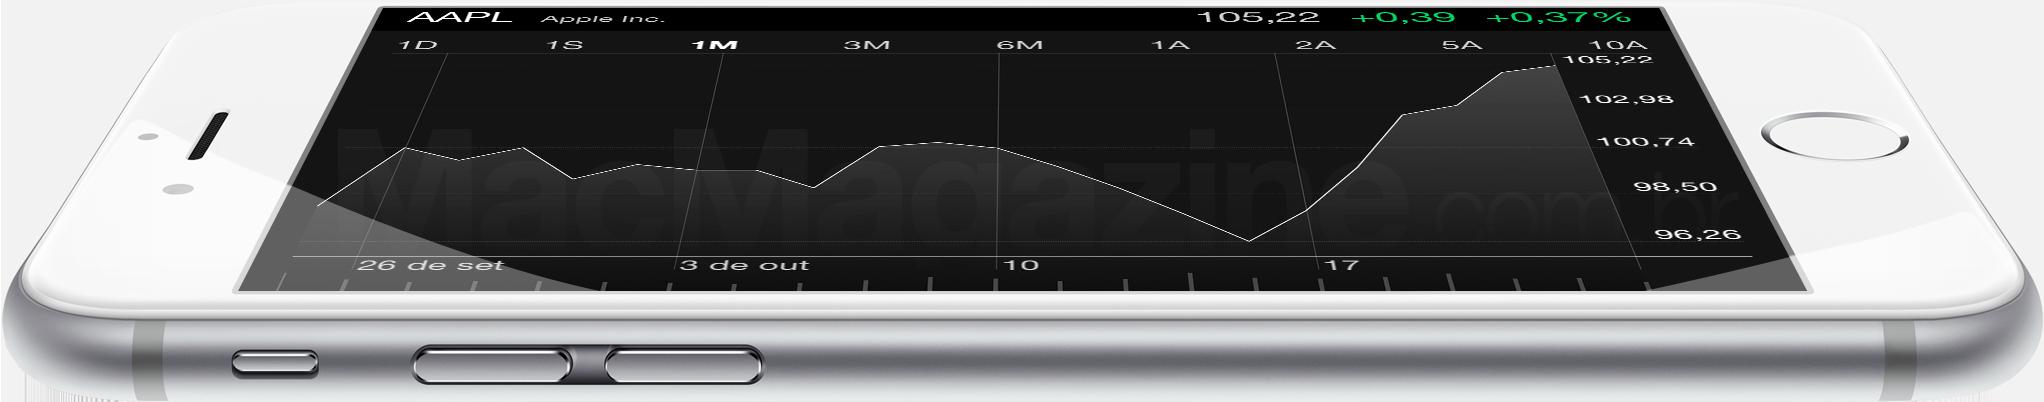 Ações da Apple em 25 de outubro de 2014